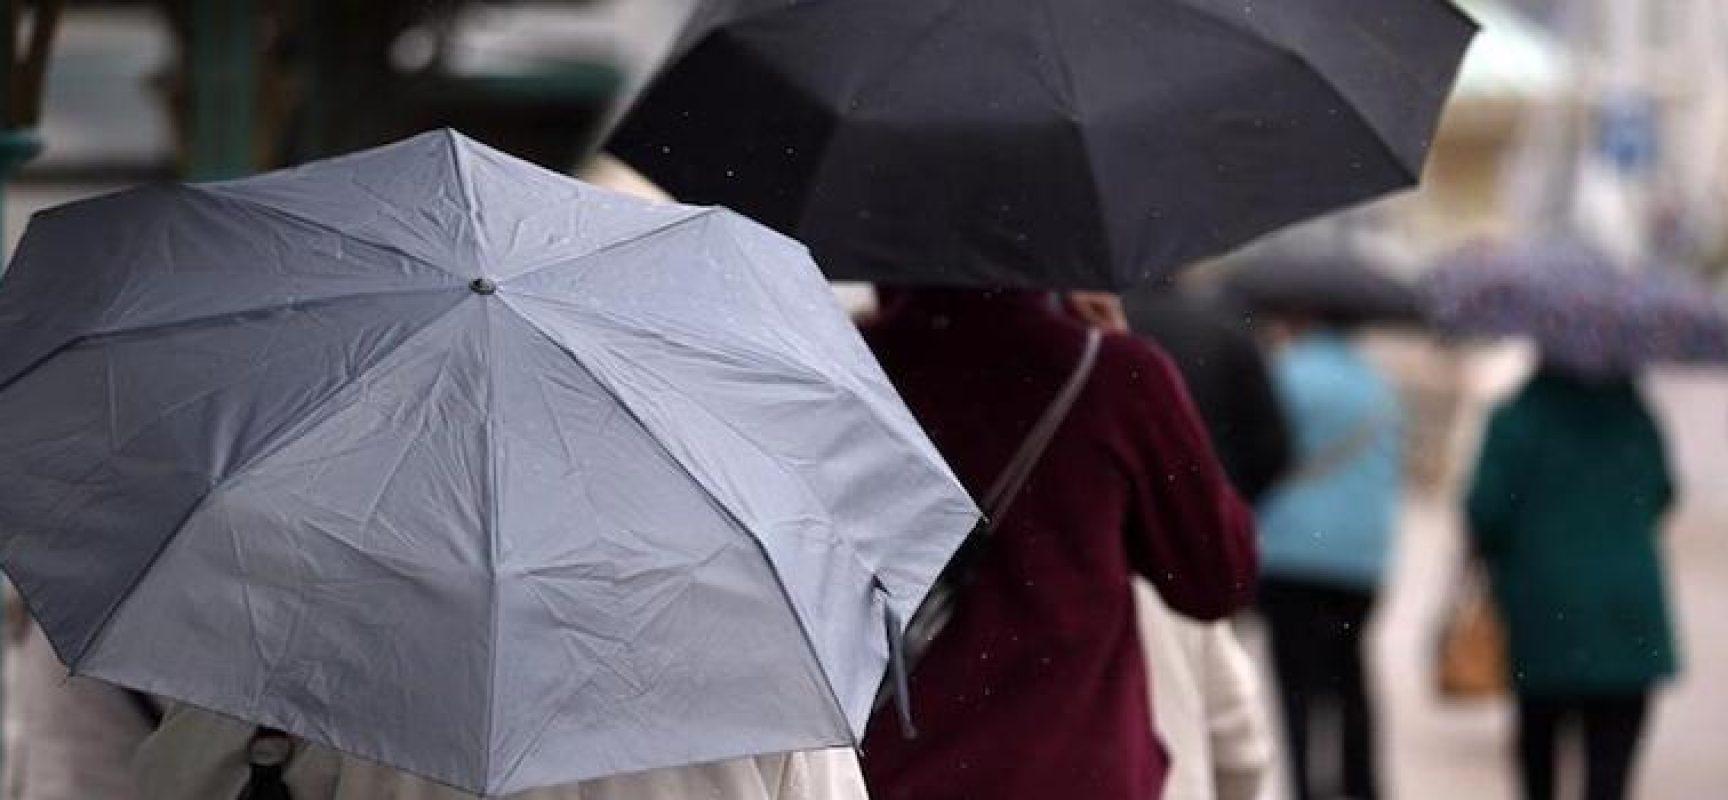 Protezione Civile Regionale emana allerta meteo gialla sul territorio